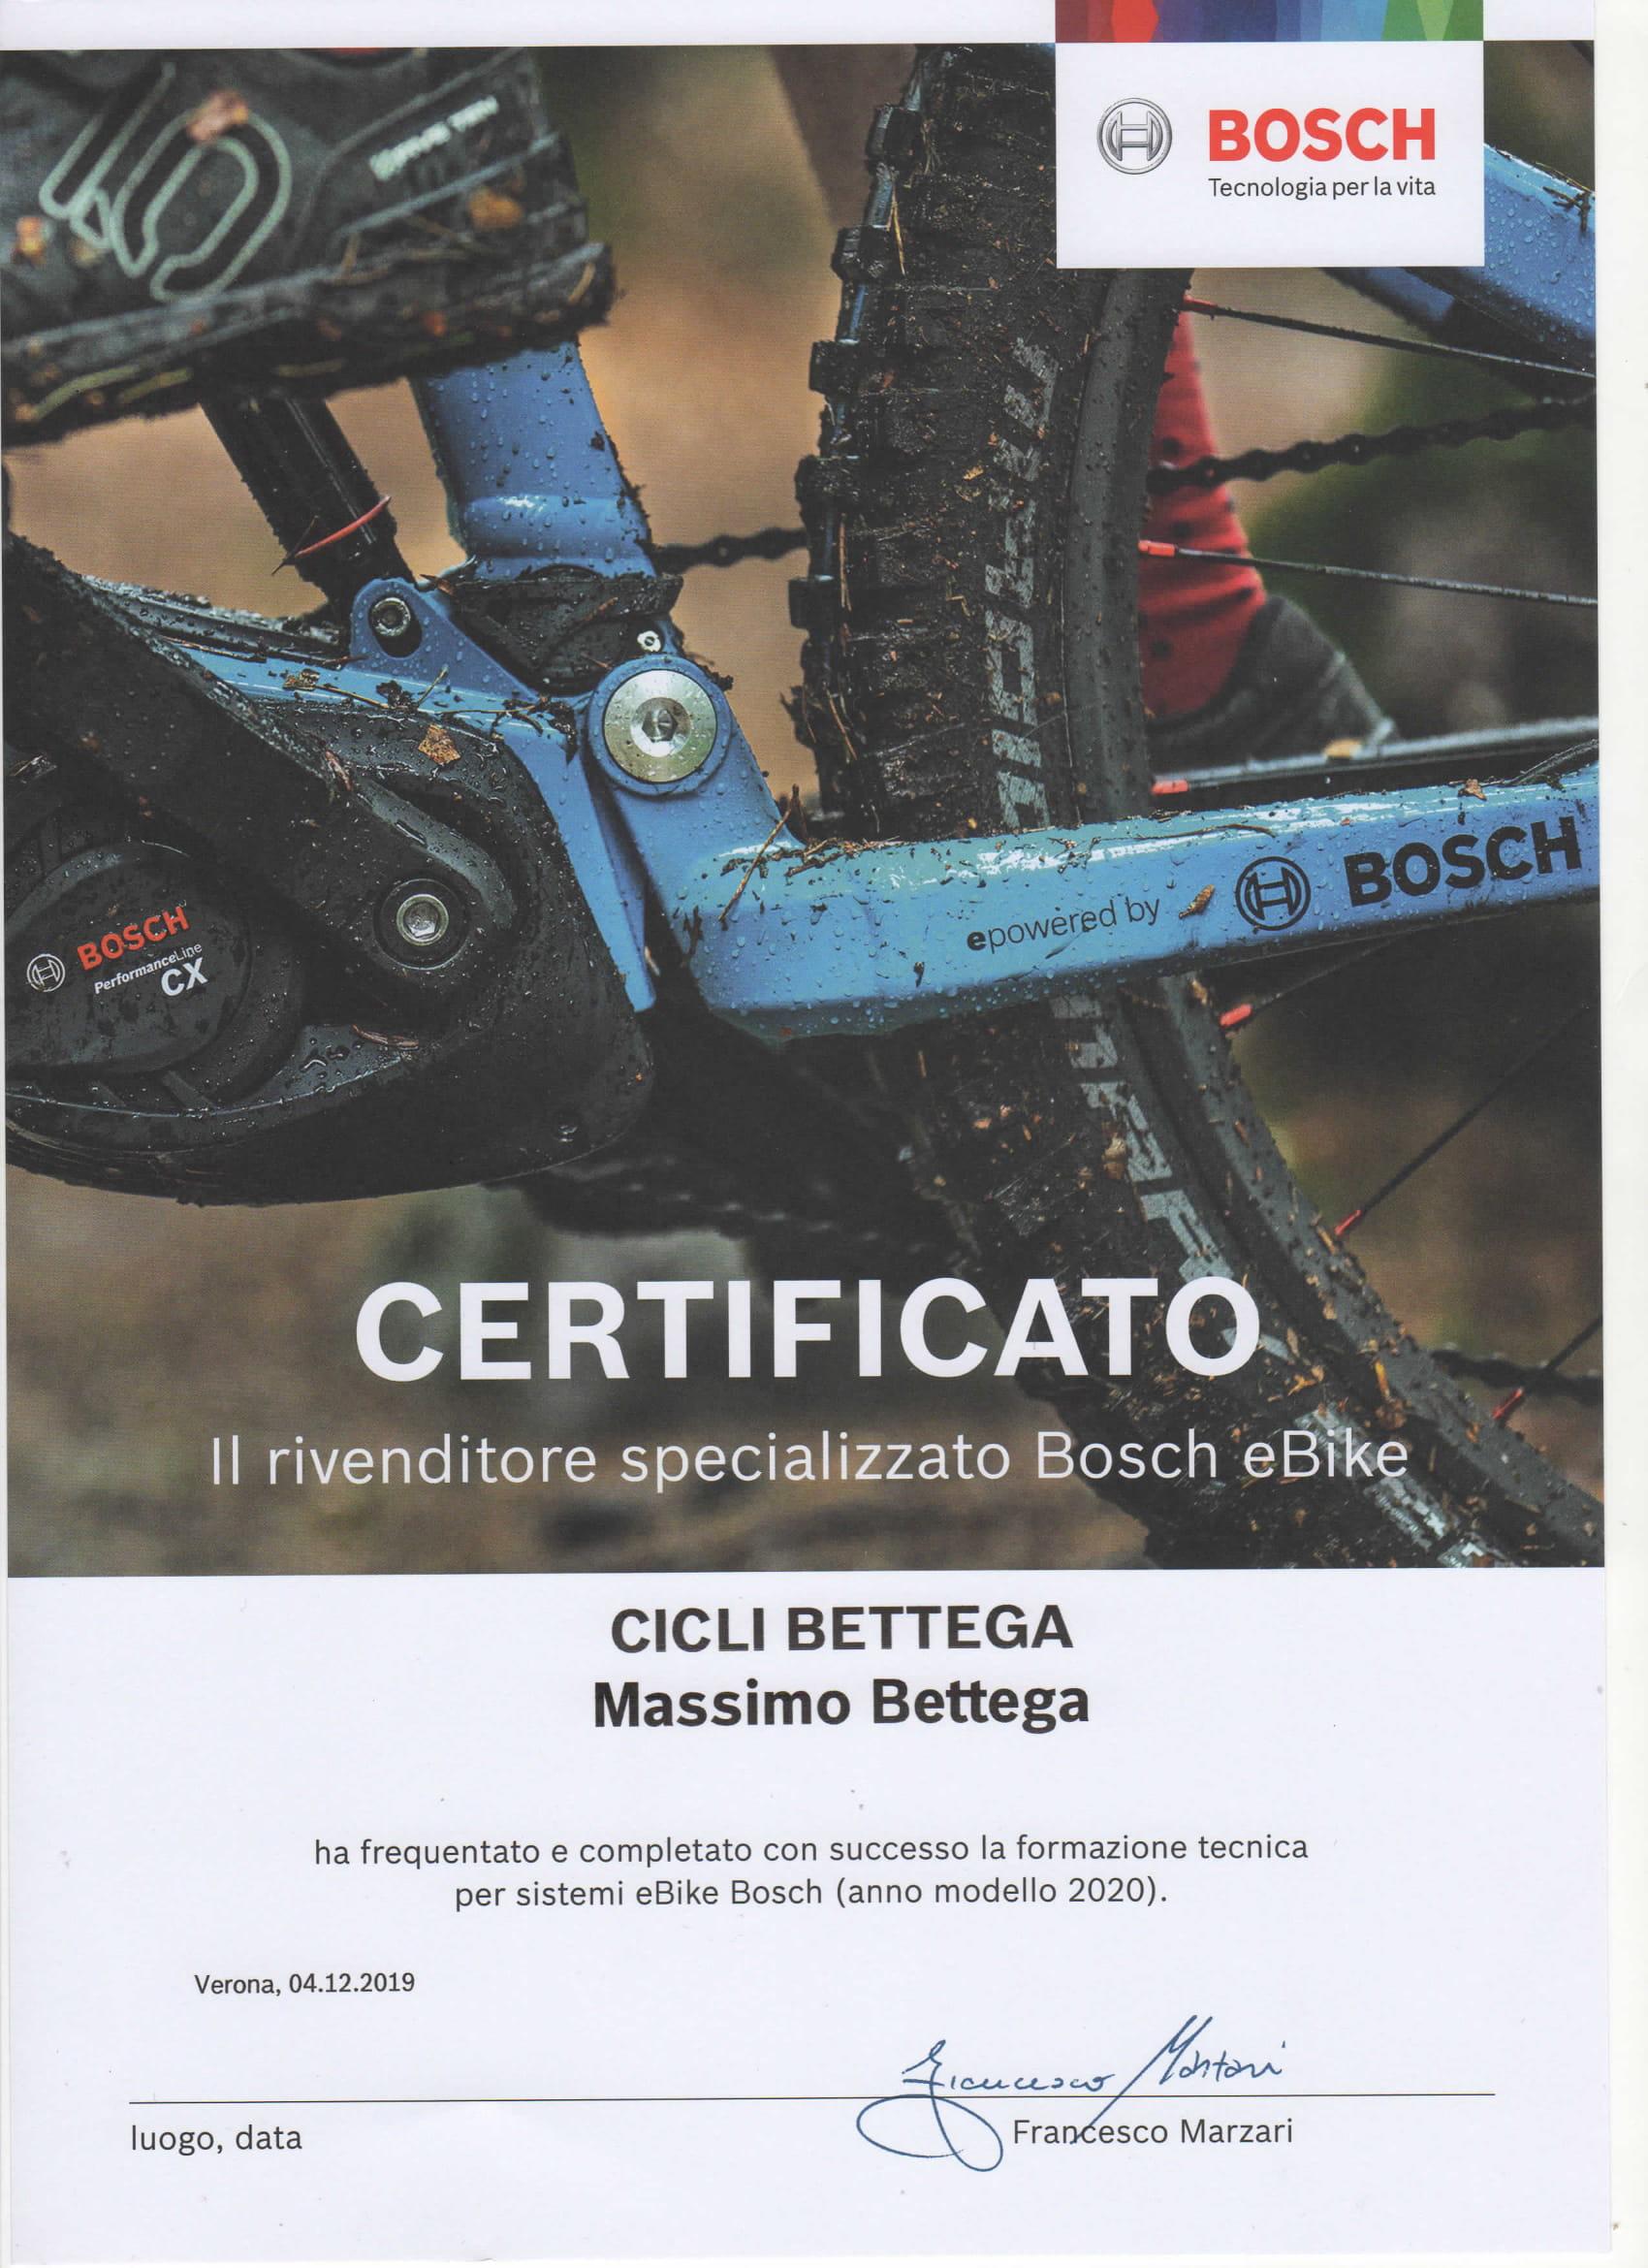 Motore Browse Cicli Bettega Mezzano